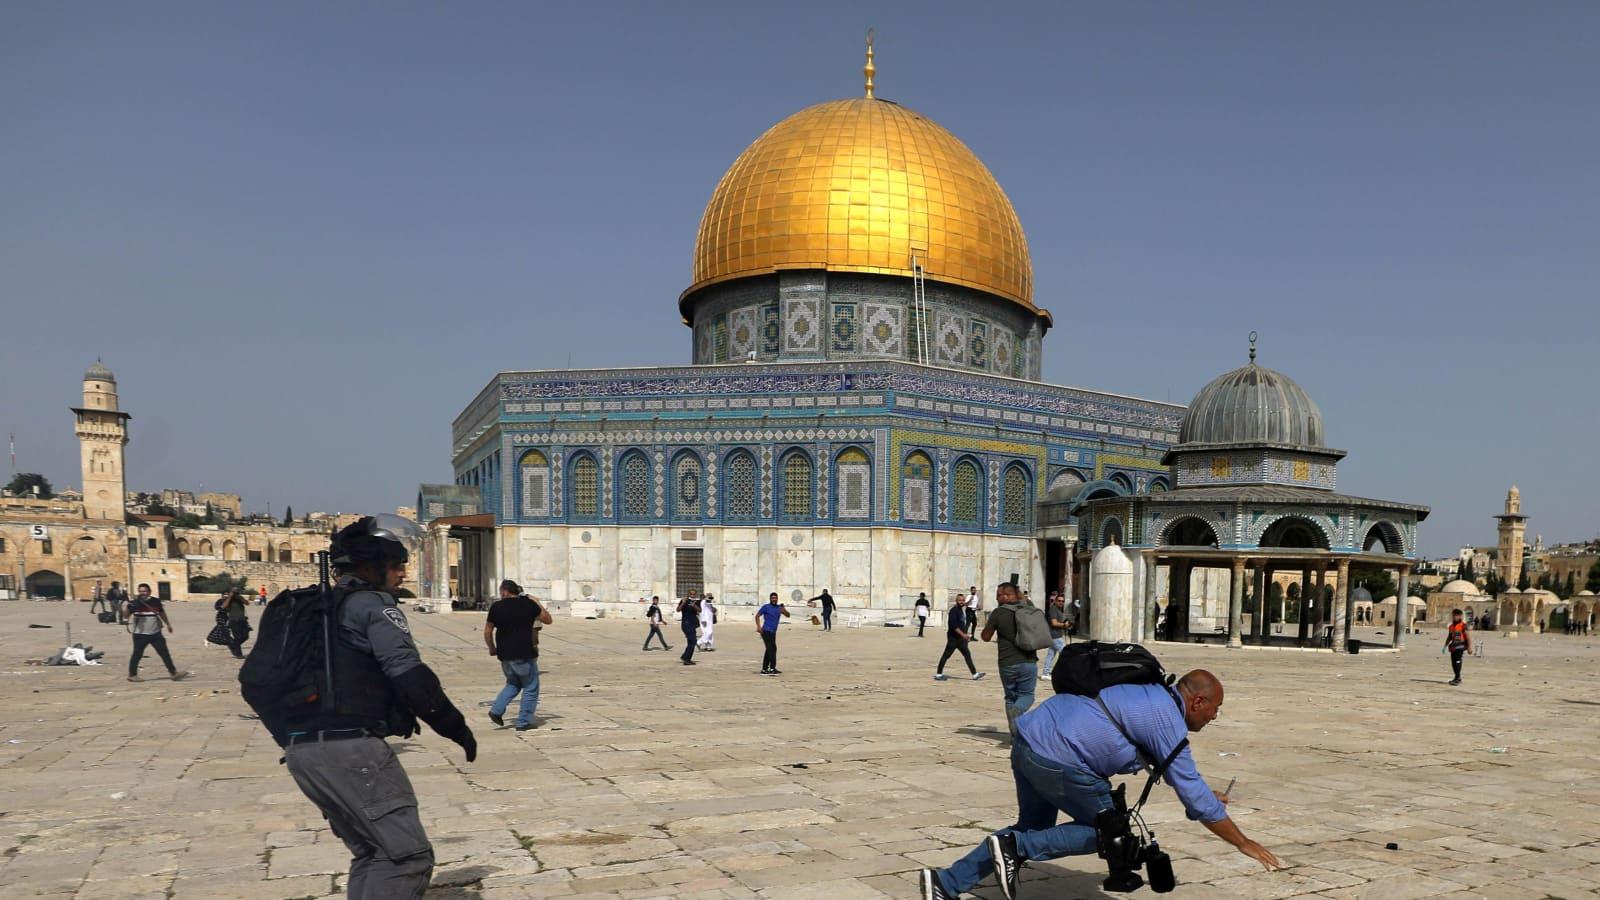 Фото — Аmmar Awad/Reuters.